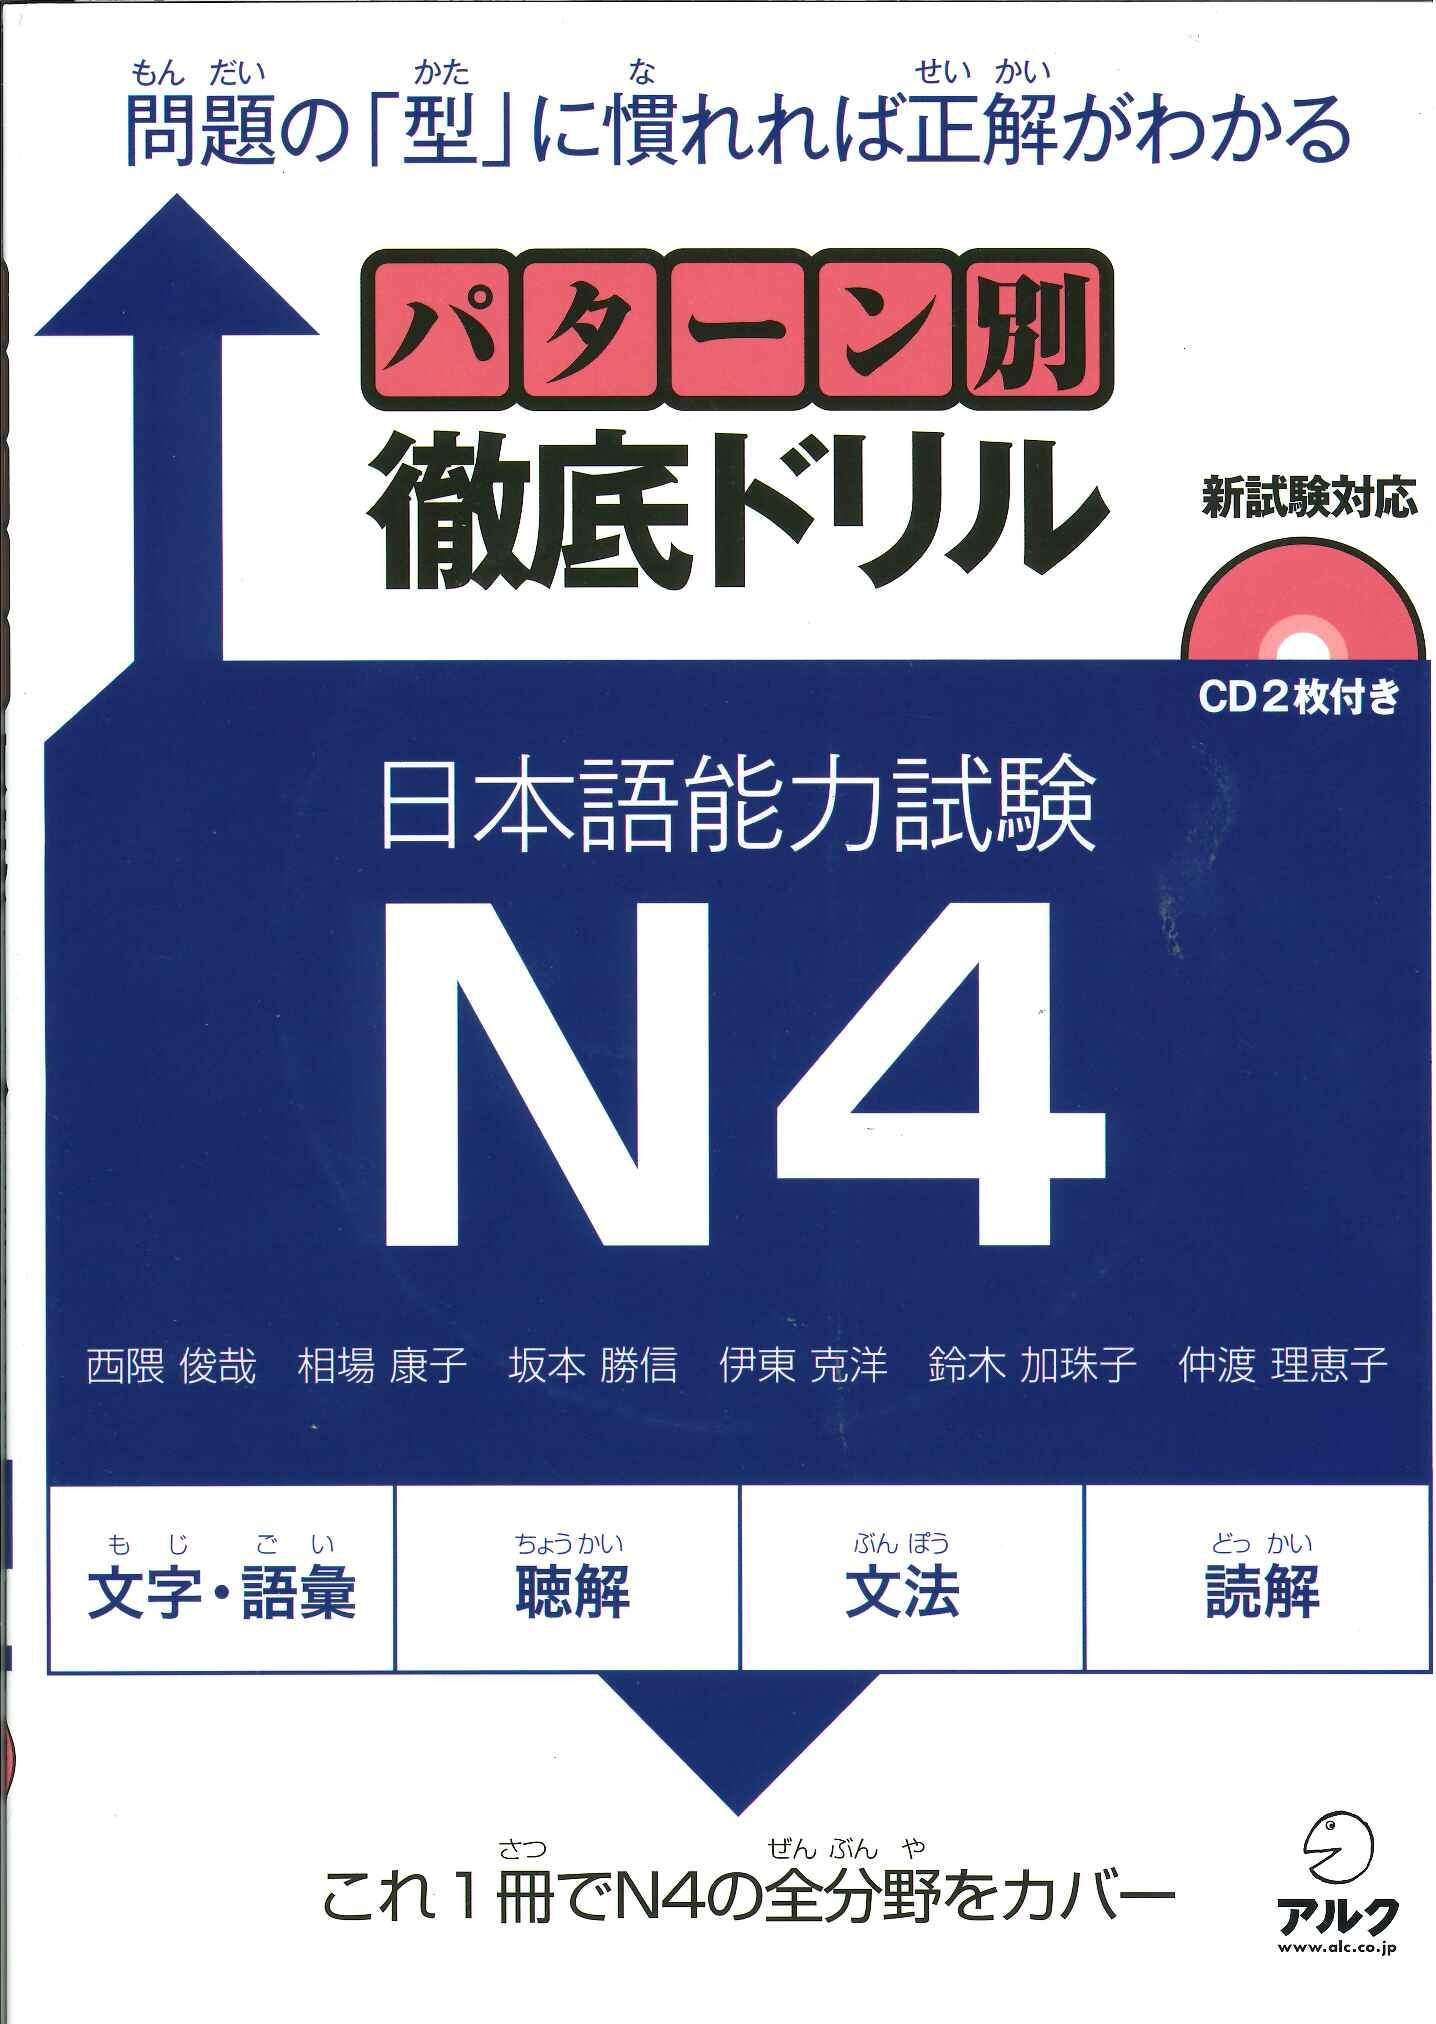 パターン別徹底ドリル 日本語能力試験 (Patan Betsu Tettei Doriru Nihongo Noryoku Shiken)